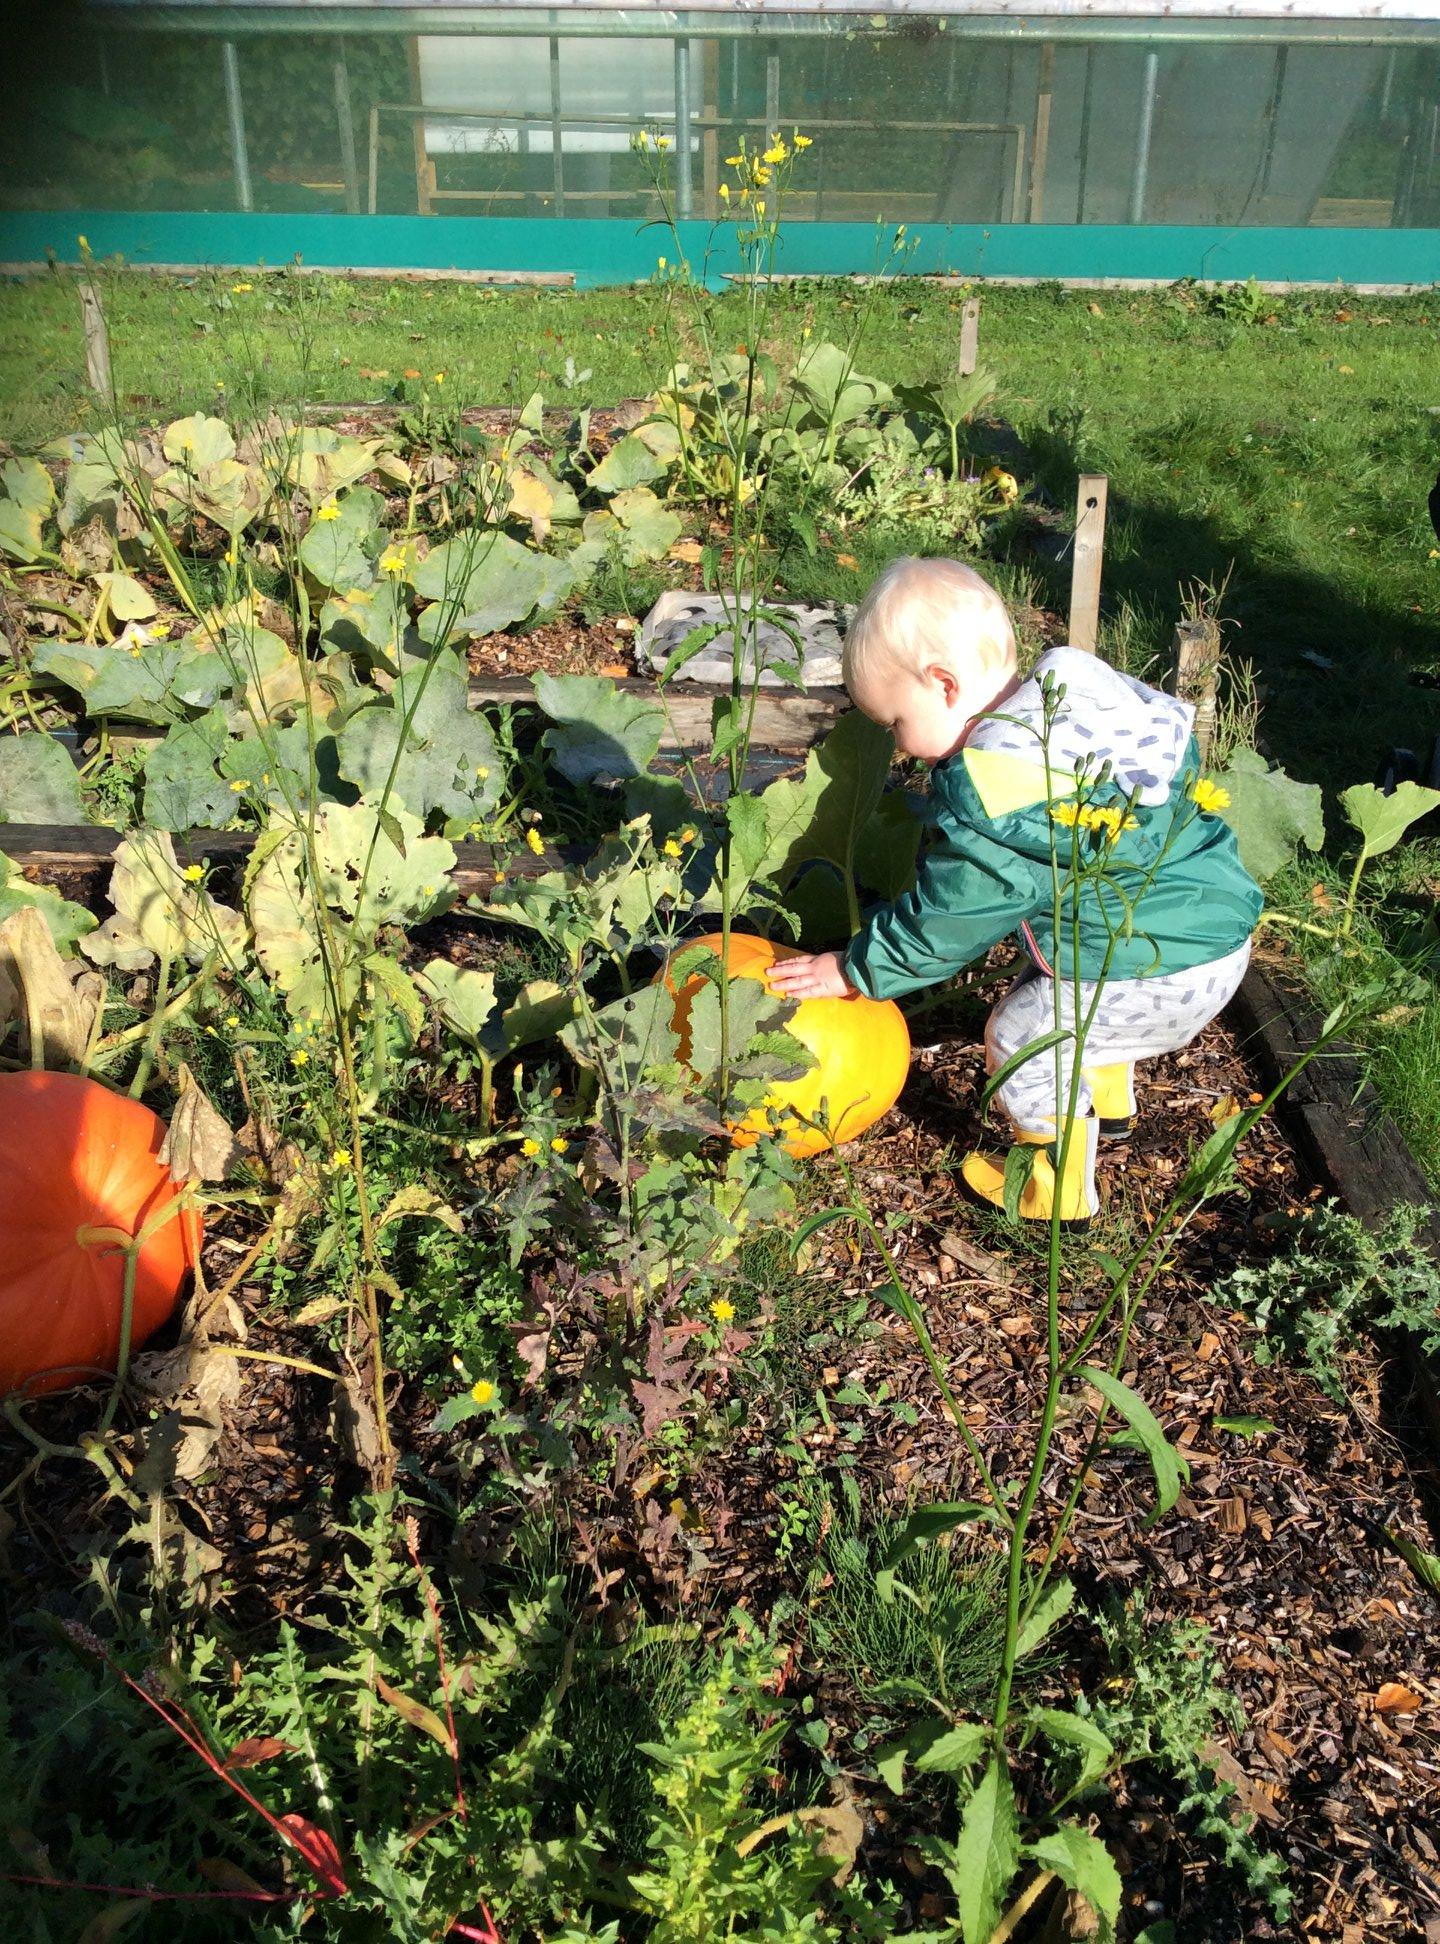 Gardening at Lytchett